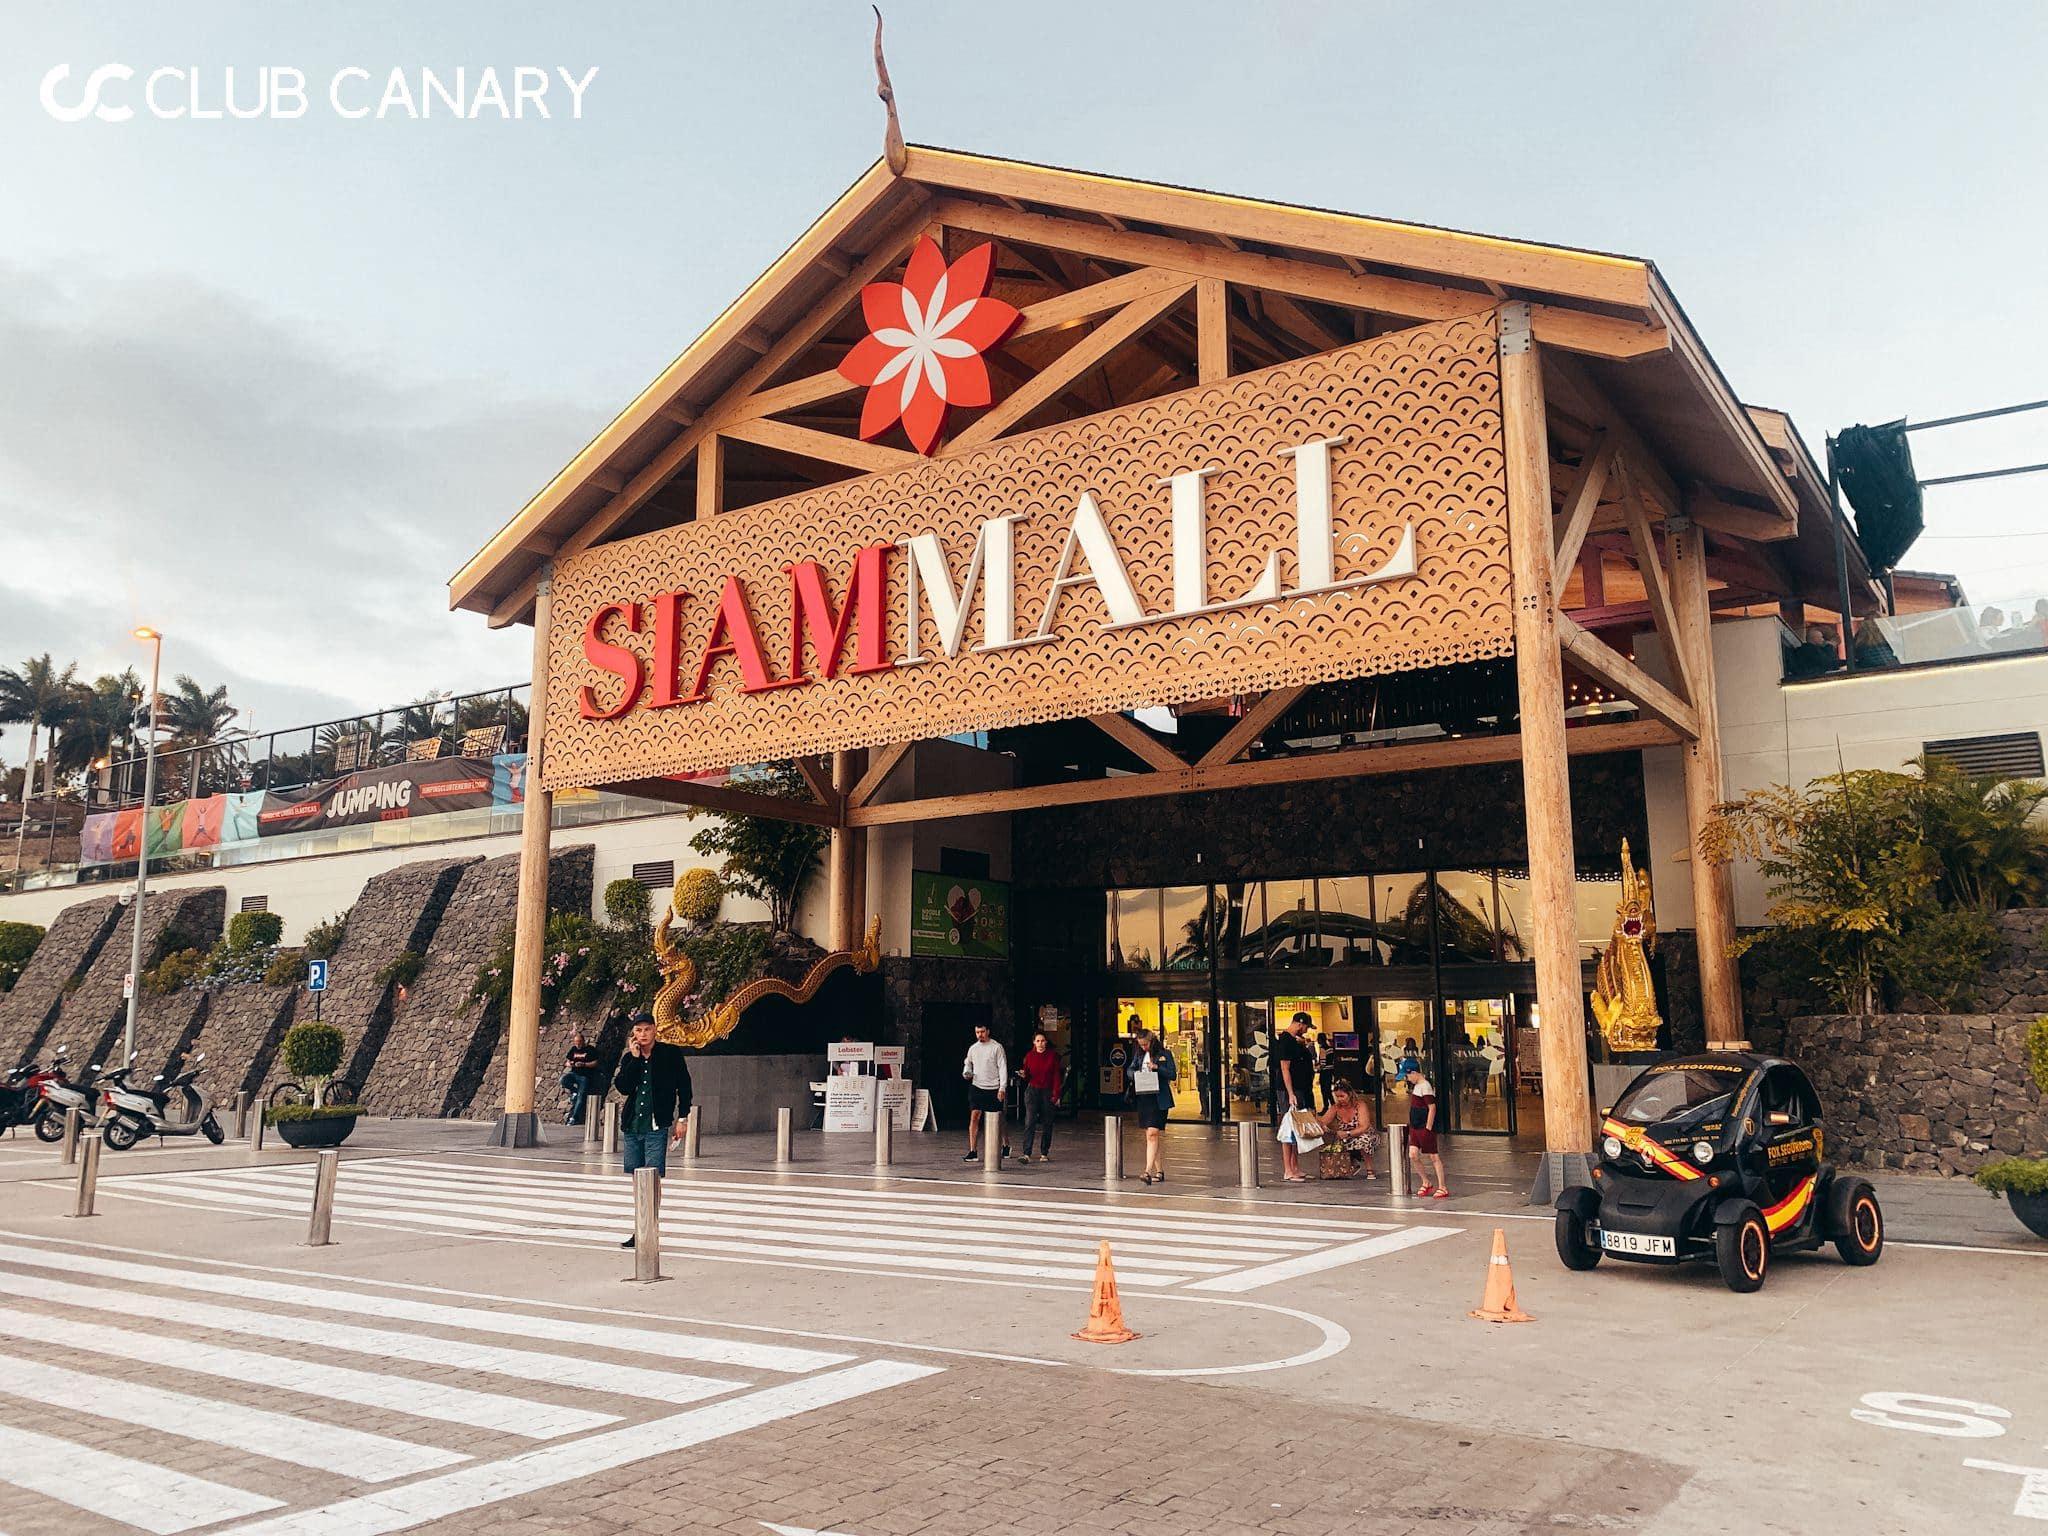 Siam Mall in Tenerife